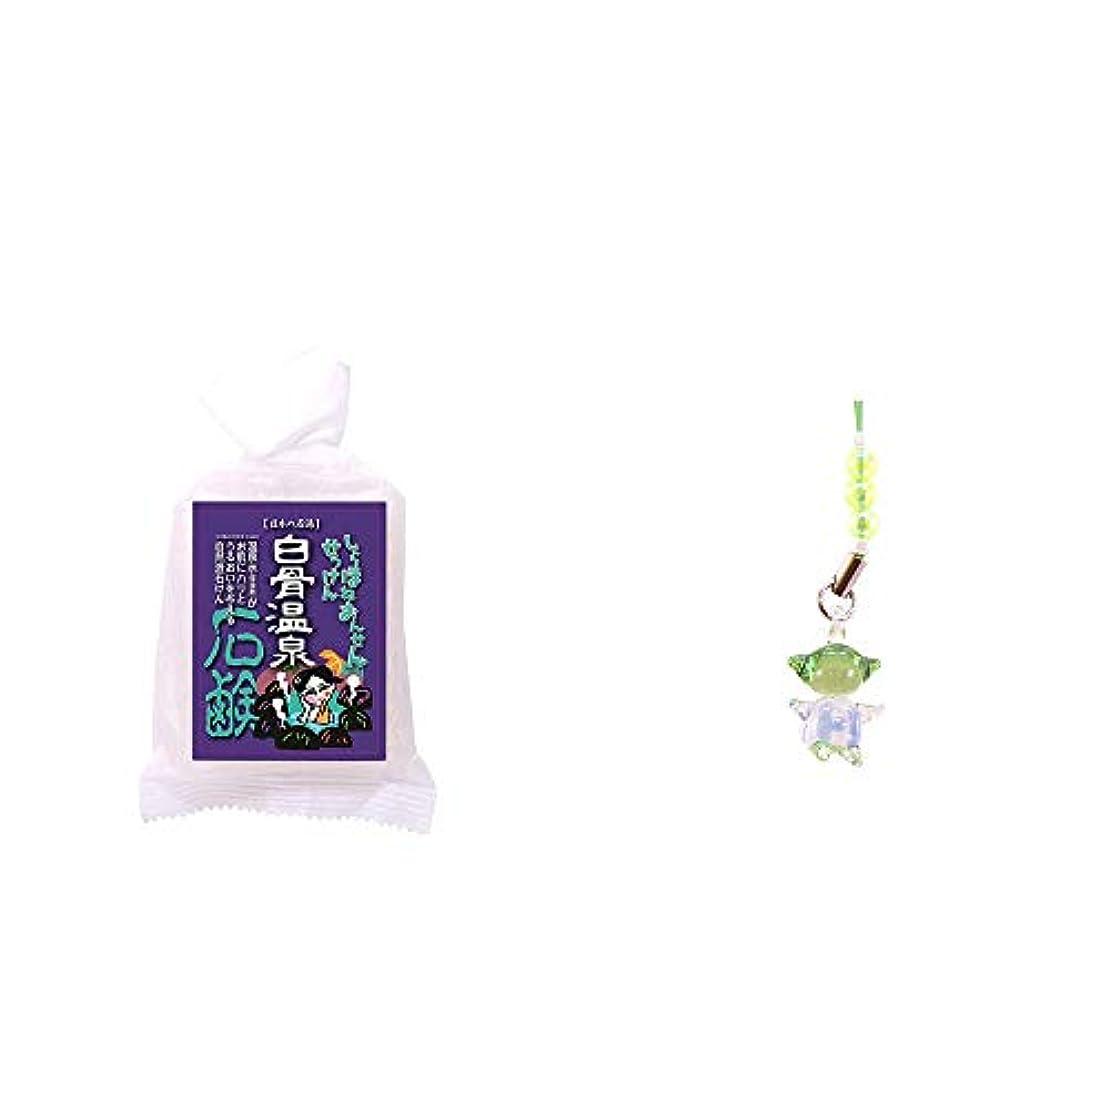 [2点セット] 信州 白骨温泉石鹸(80g)?ガラスのさるぼぼ 手作りキーホルダー 【緑】 /健康運?平穏?病気を寄付けない?健康祈願//